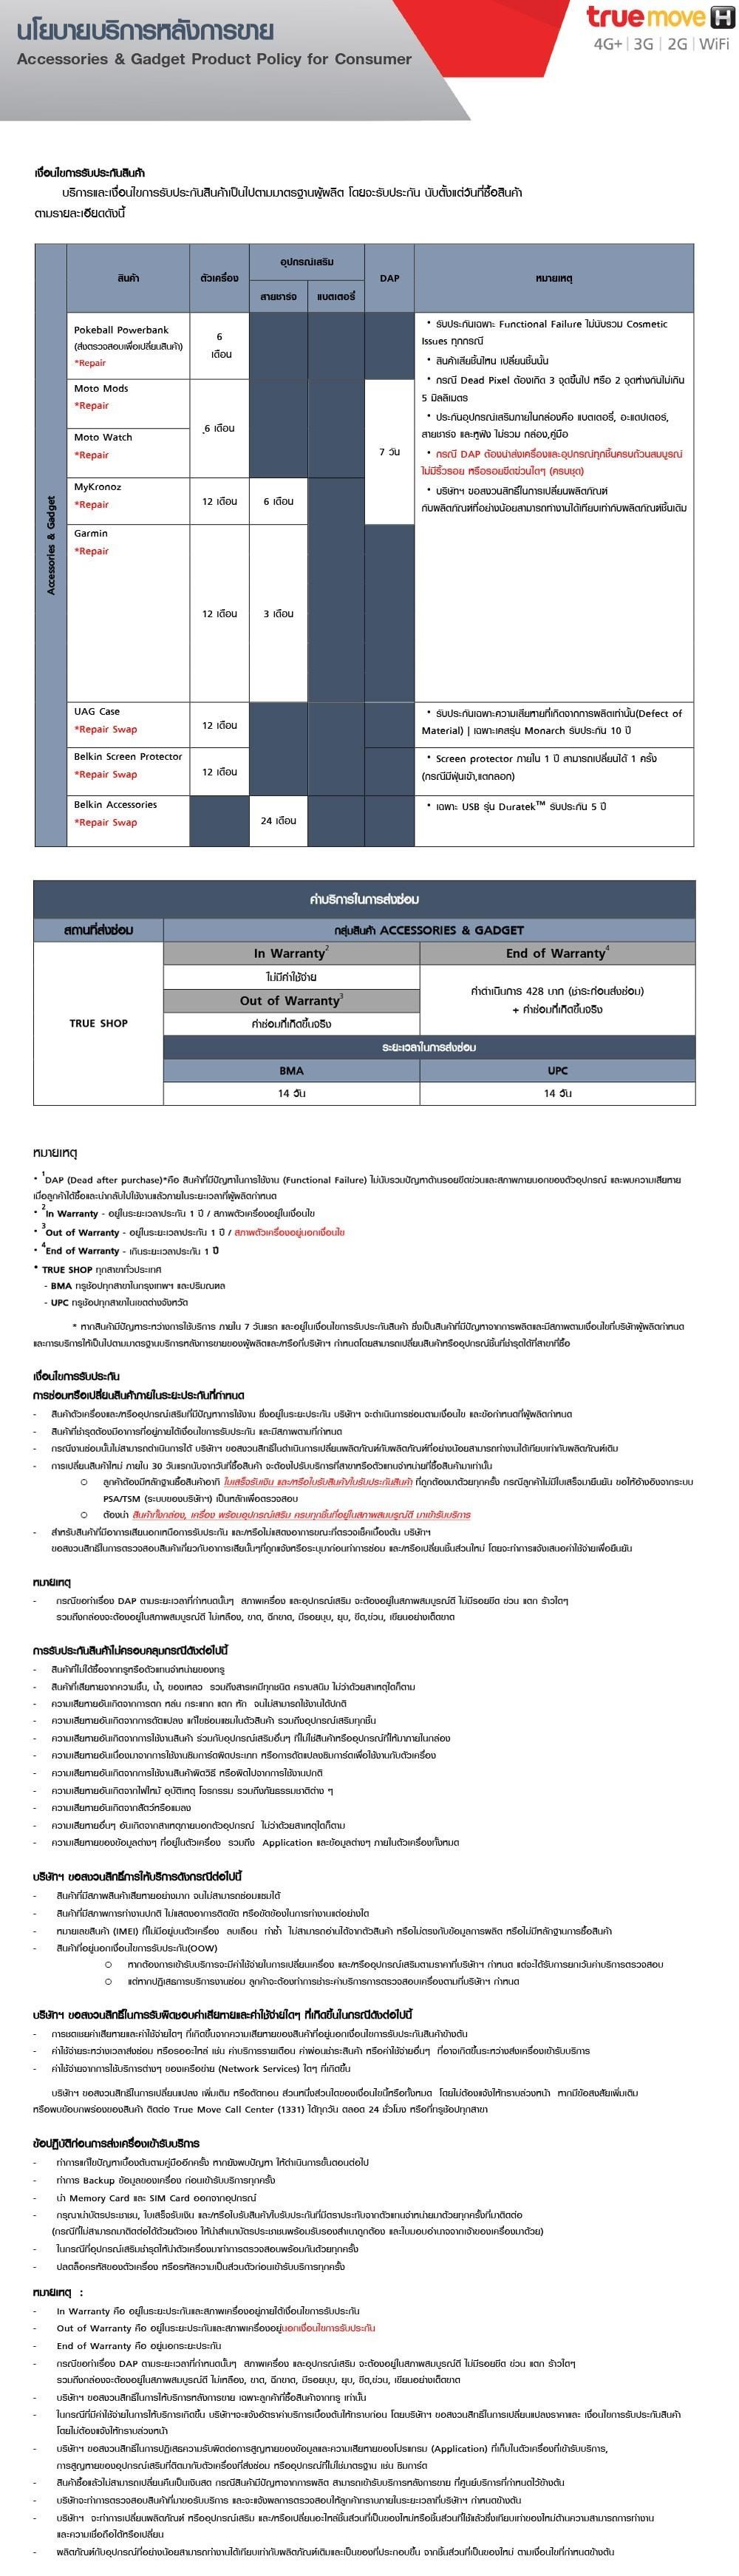 casewarranty.jpg